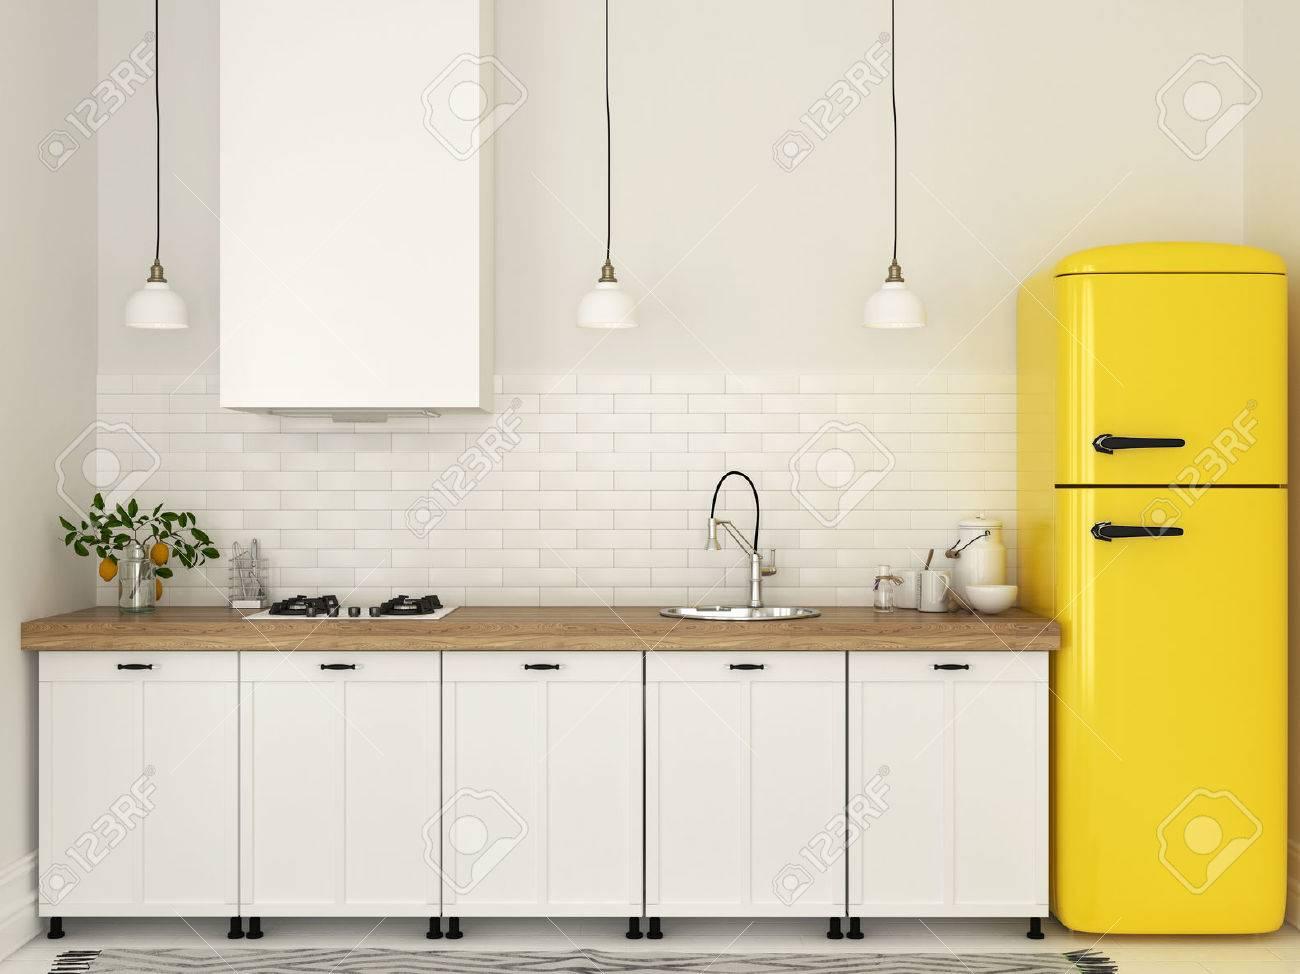 Helle Küche Mit Weißen Möbeln Und Einem Hellen Gelben Kühlschrank ...